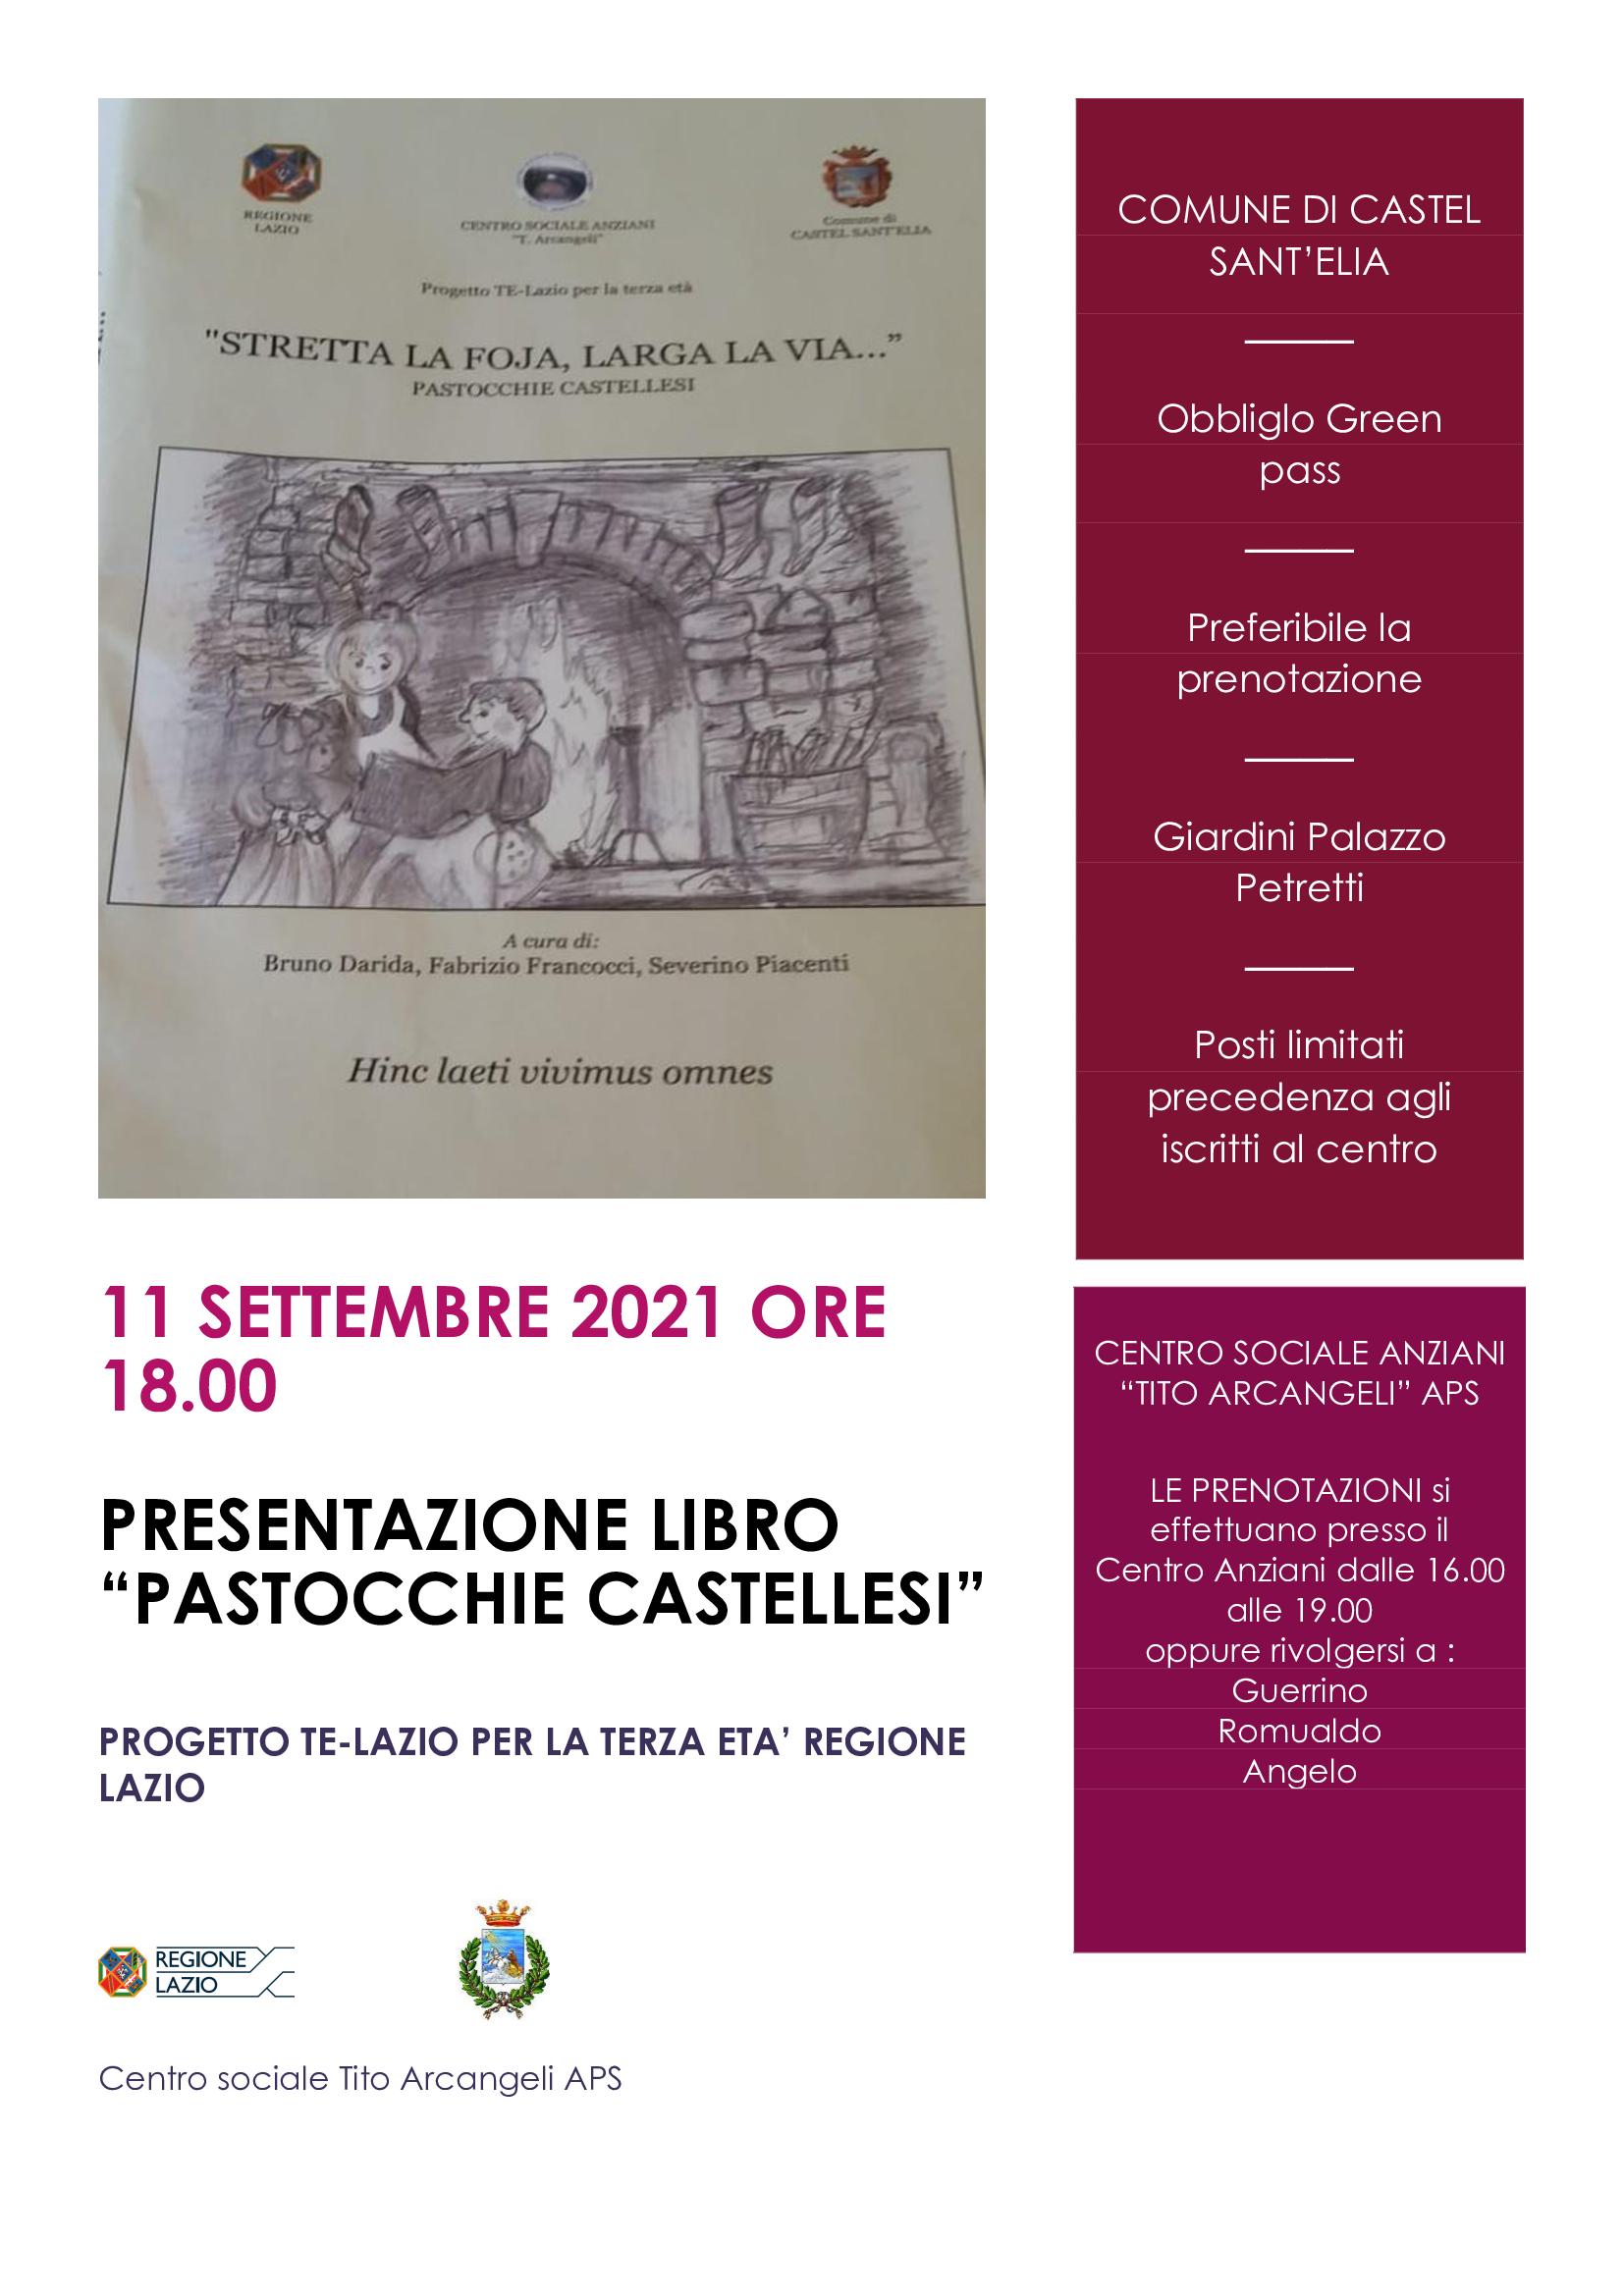 PRESENTAZIONE LIBRO 11 SETTEMBRE ORE 18.00